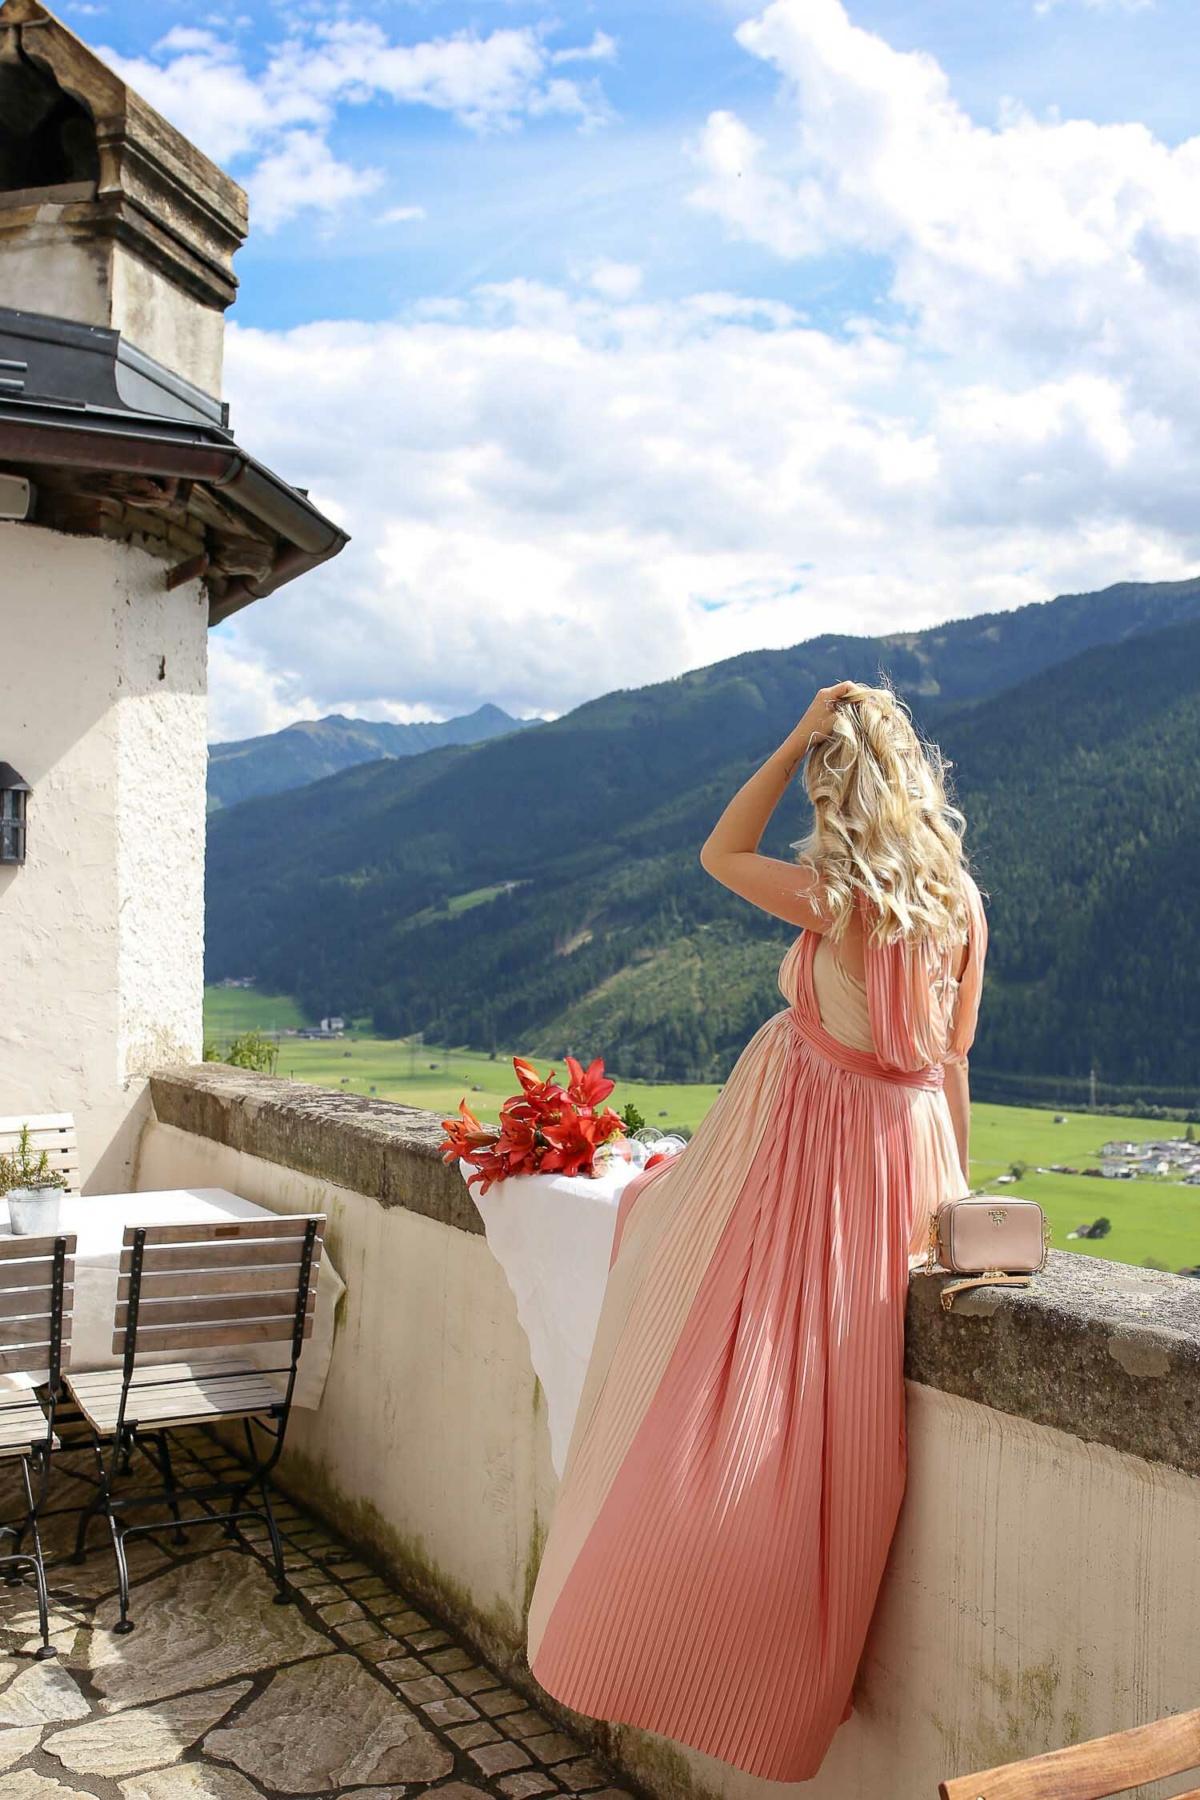 stylingliebe-reiseblog-muenchen-travelblog-munich-blogger-deutschland-reiseblogger-bloggerdeutschland-lifestyleblog-ein-zauberhafter-Besuch-im-Schloss-Mittersill-5